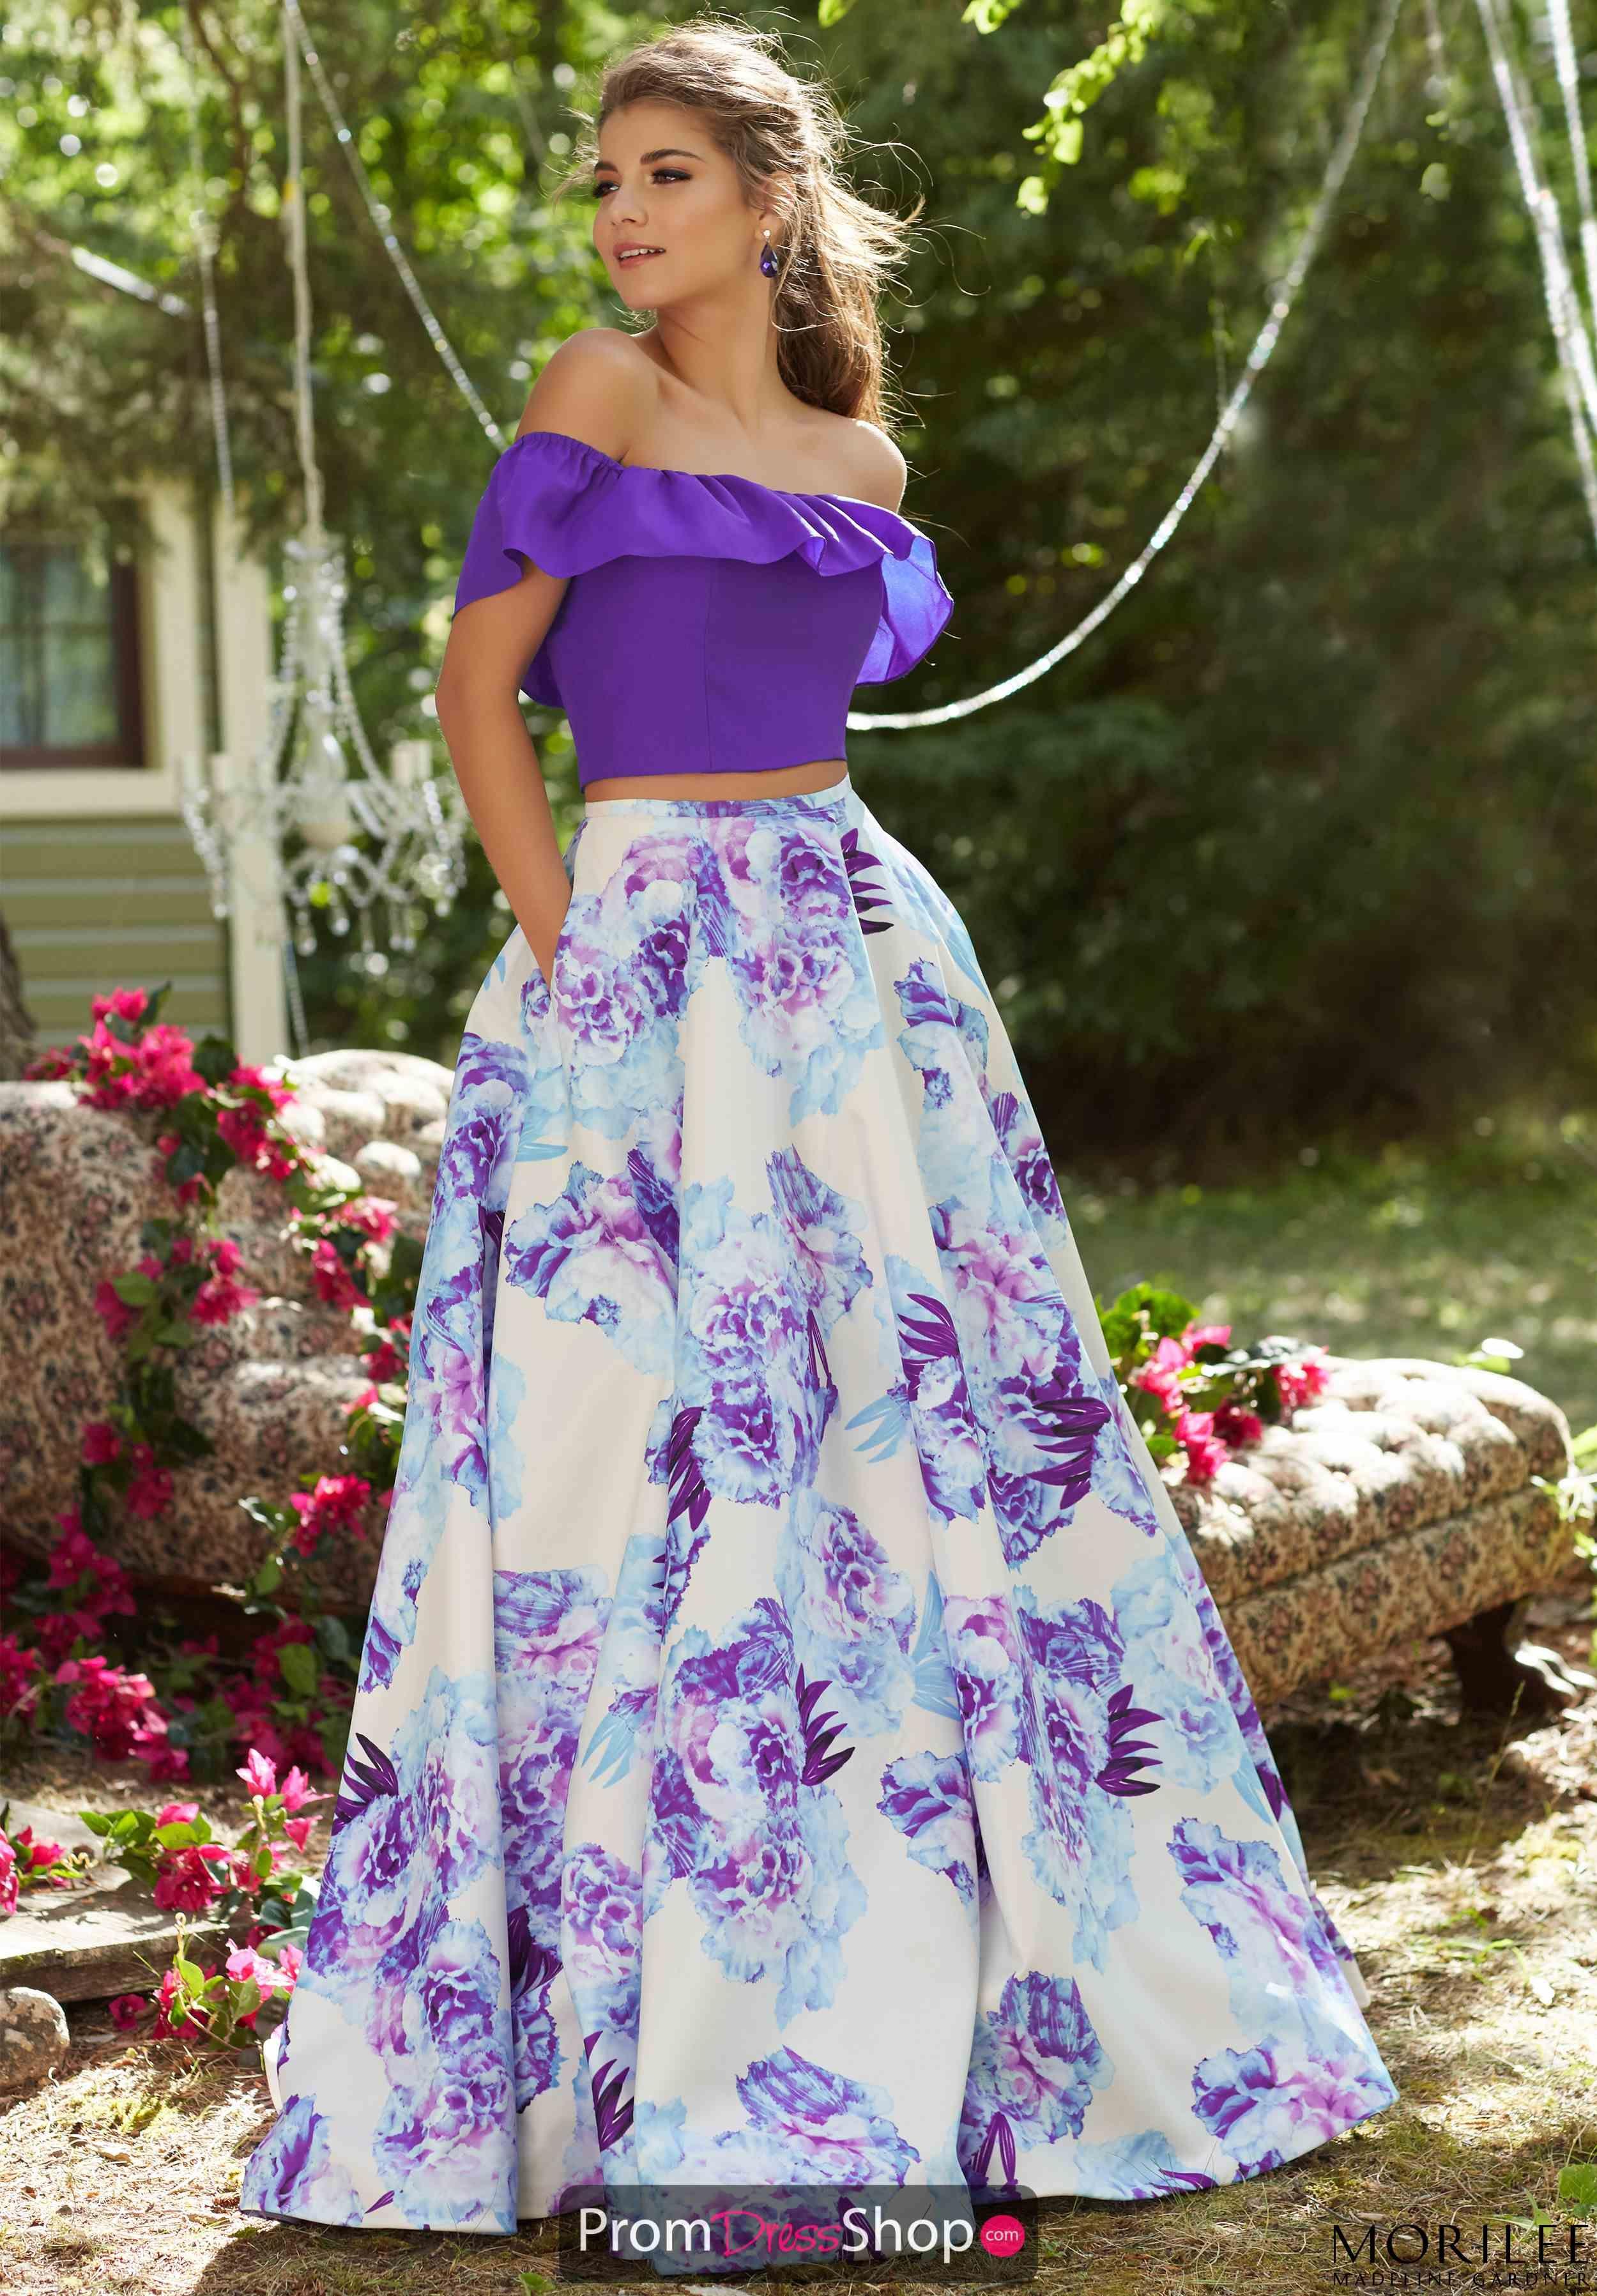 Morilee Dress 99045 Promdressshop Com Floral Prom Dresses Prom Dresses Two Piece Piece Prom Dress